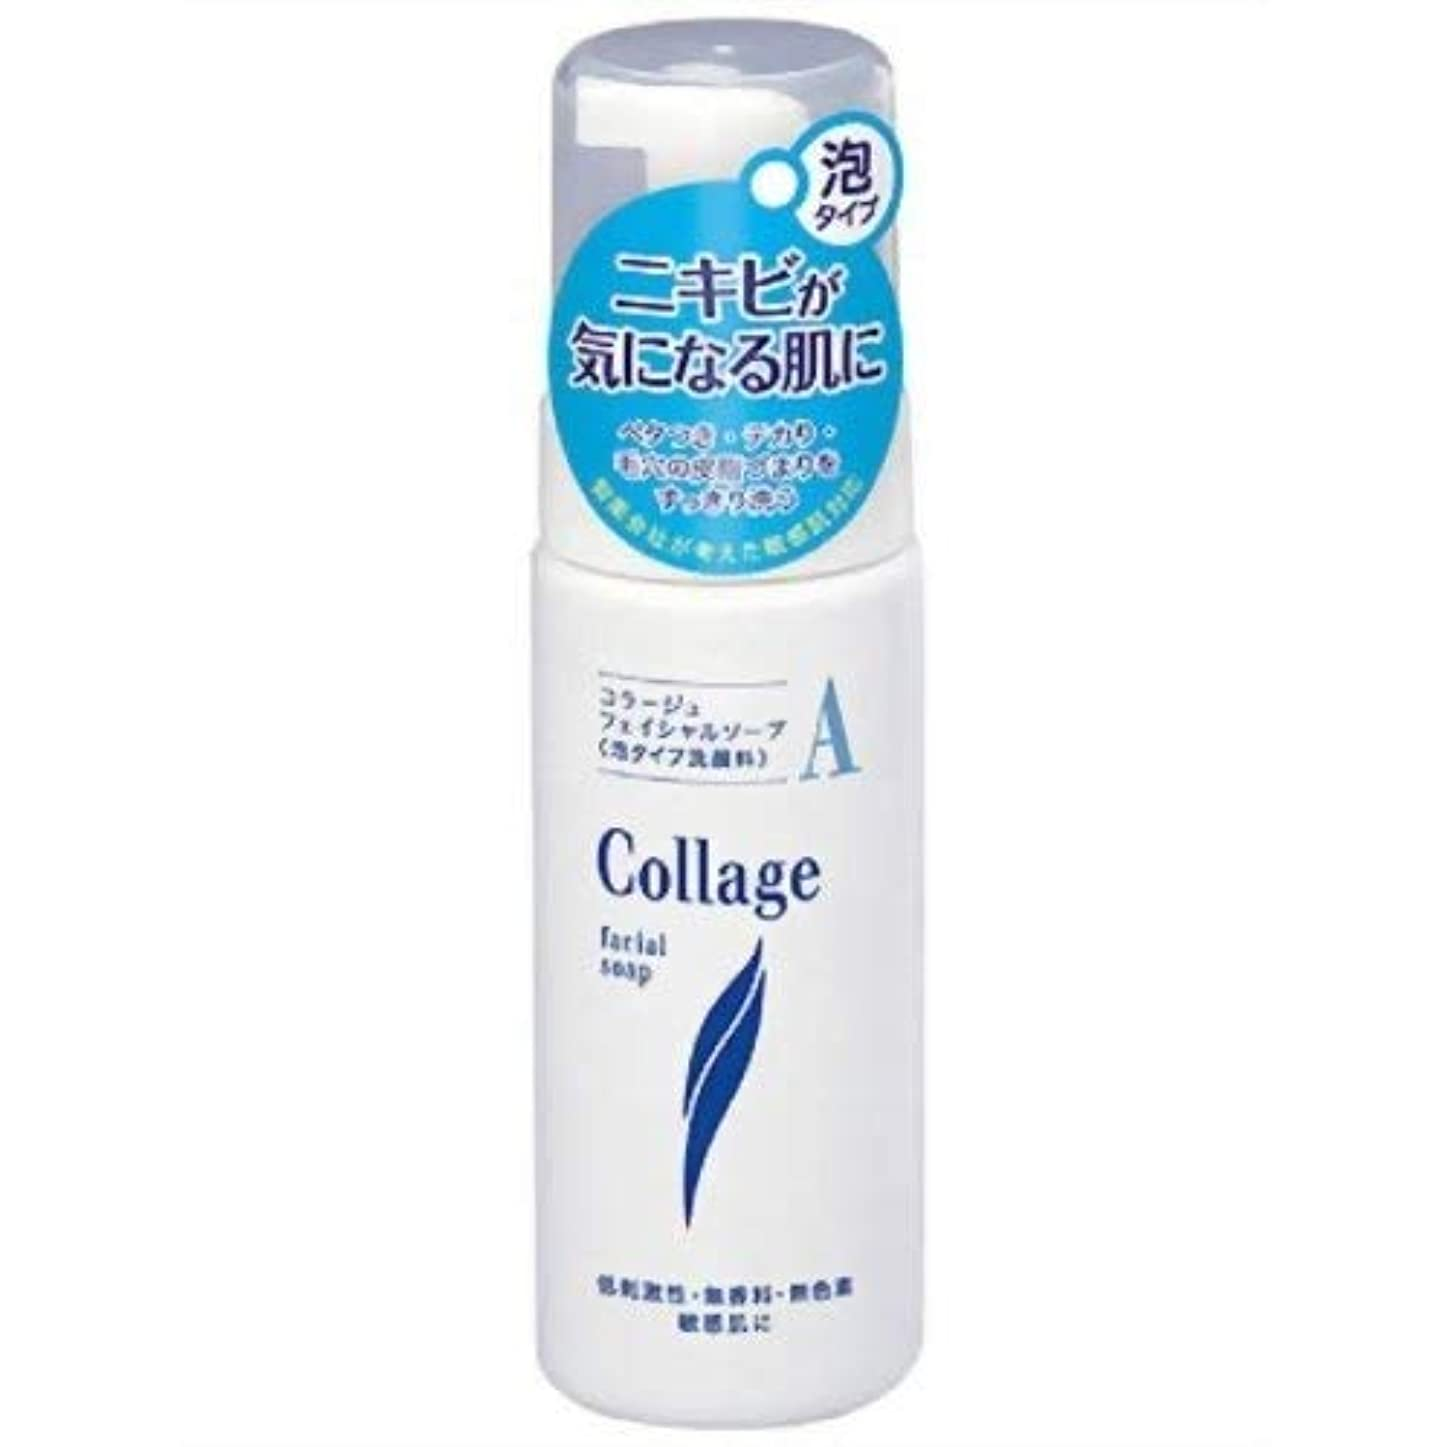 ホイッスルクラウド保護コラージュA フェイシャルソープ(泡状洗顔料) オイリー肌 150ml